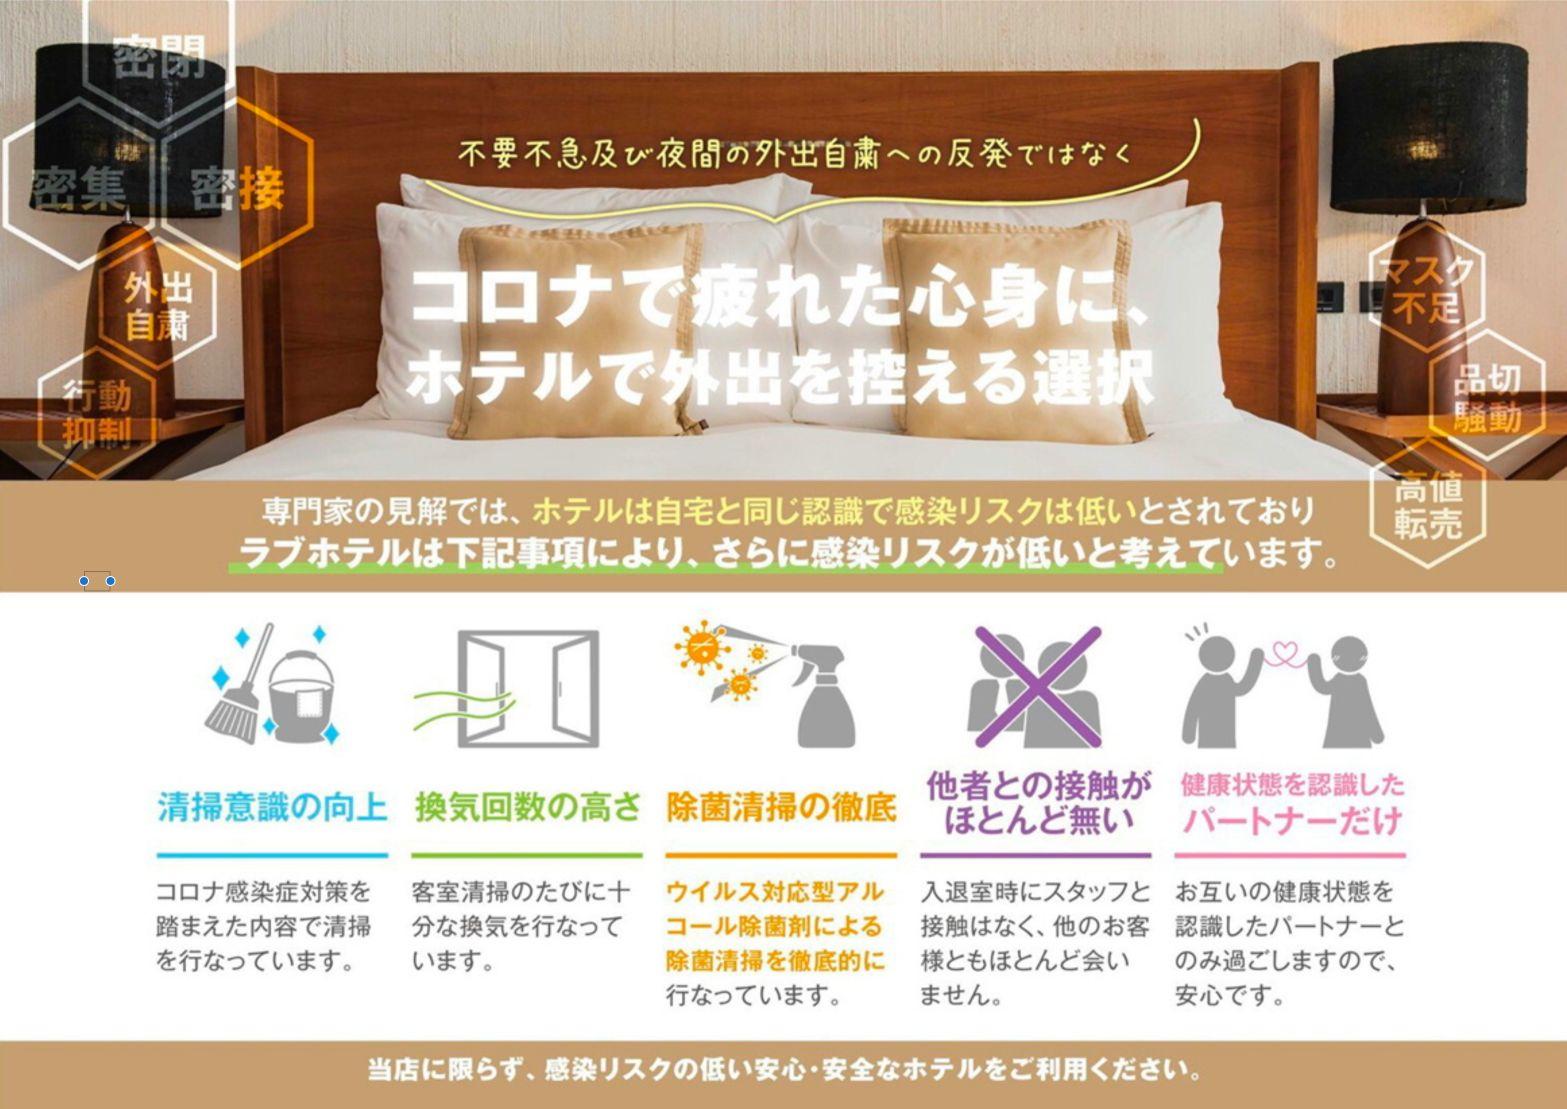 コロナウイルスの感染リスクについて、ホテルは感染リスクが低い